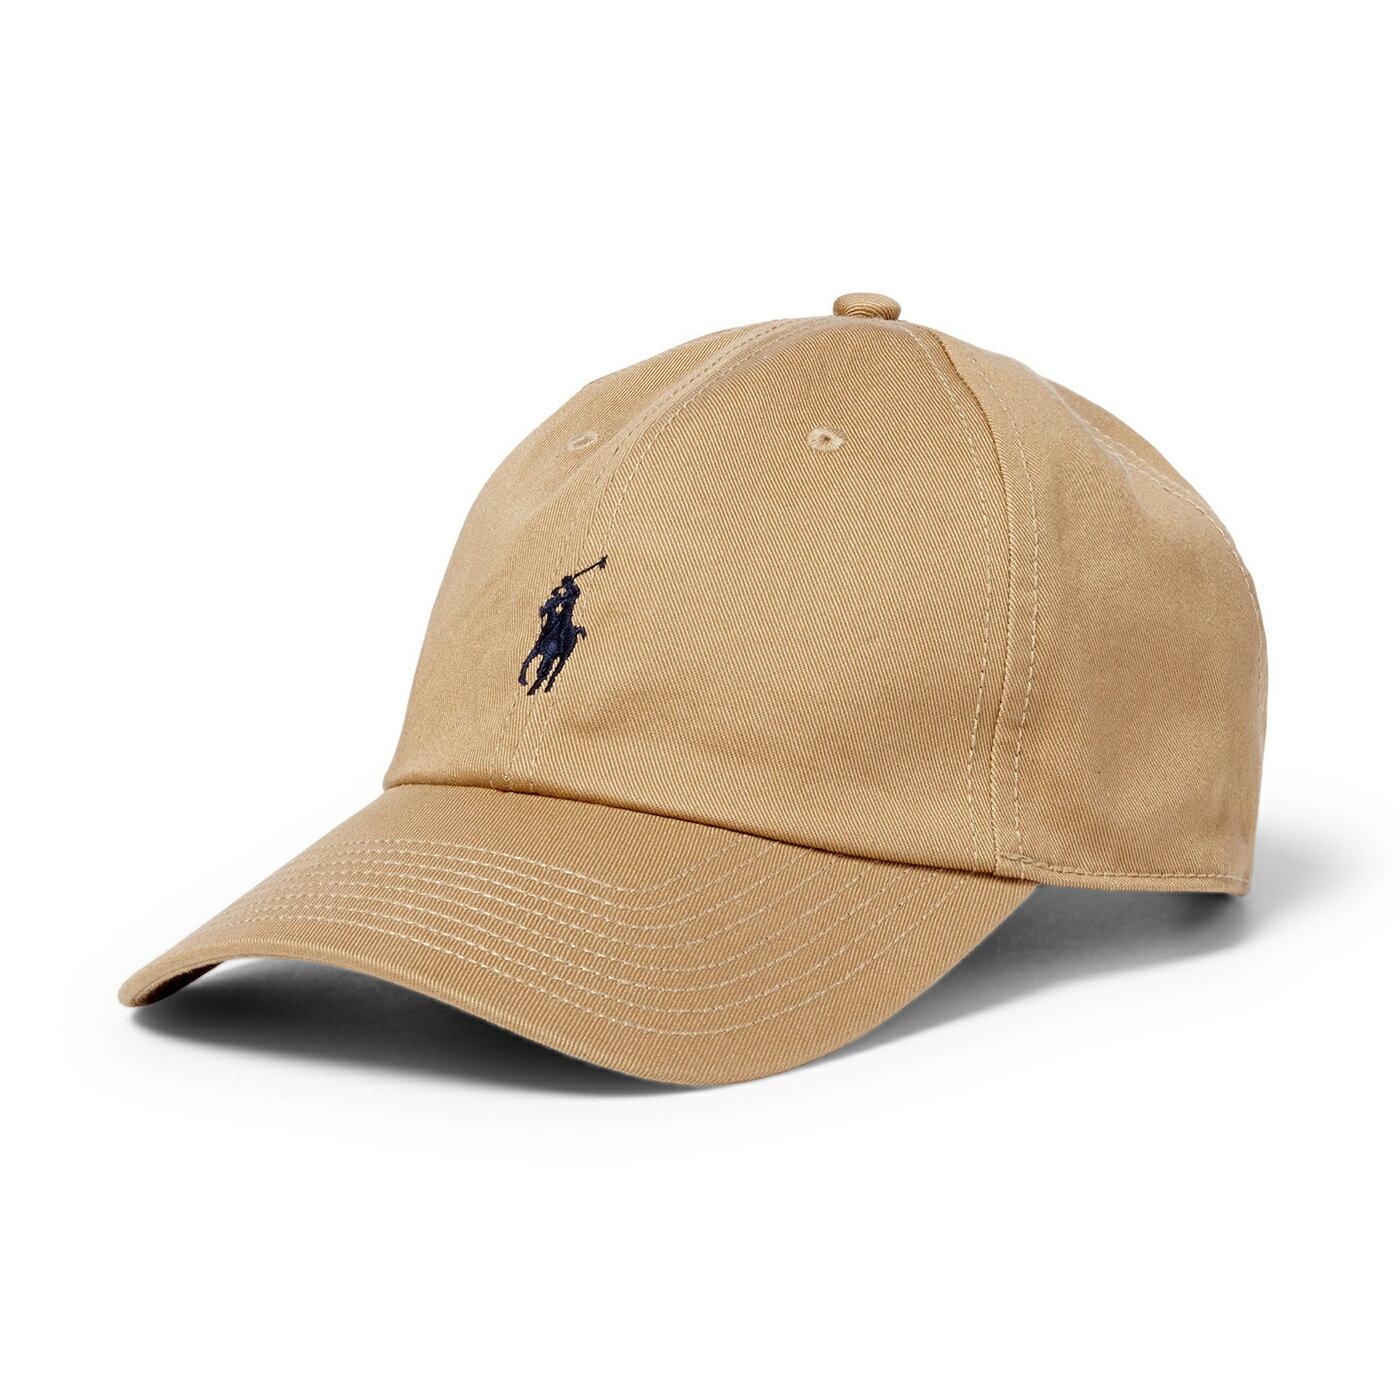 美國百分百【全新真品】Ralph Lauren 帽子 RL 配件 棒球帽 Polo 小馬 卡其 帆布 刺繡 男 A732